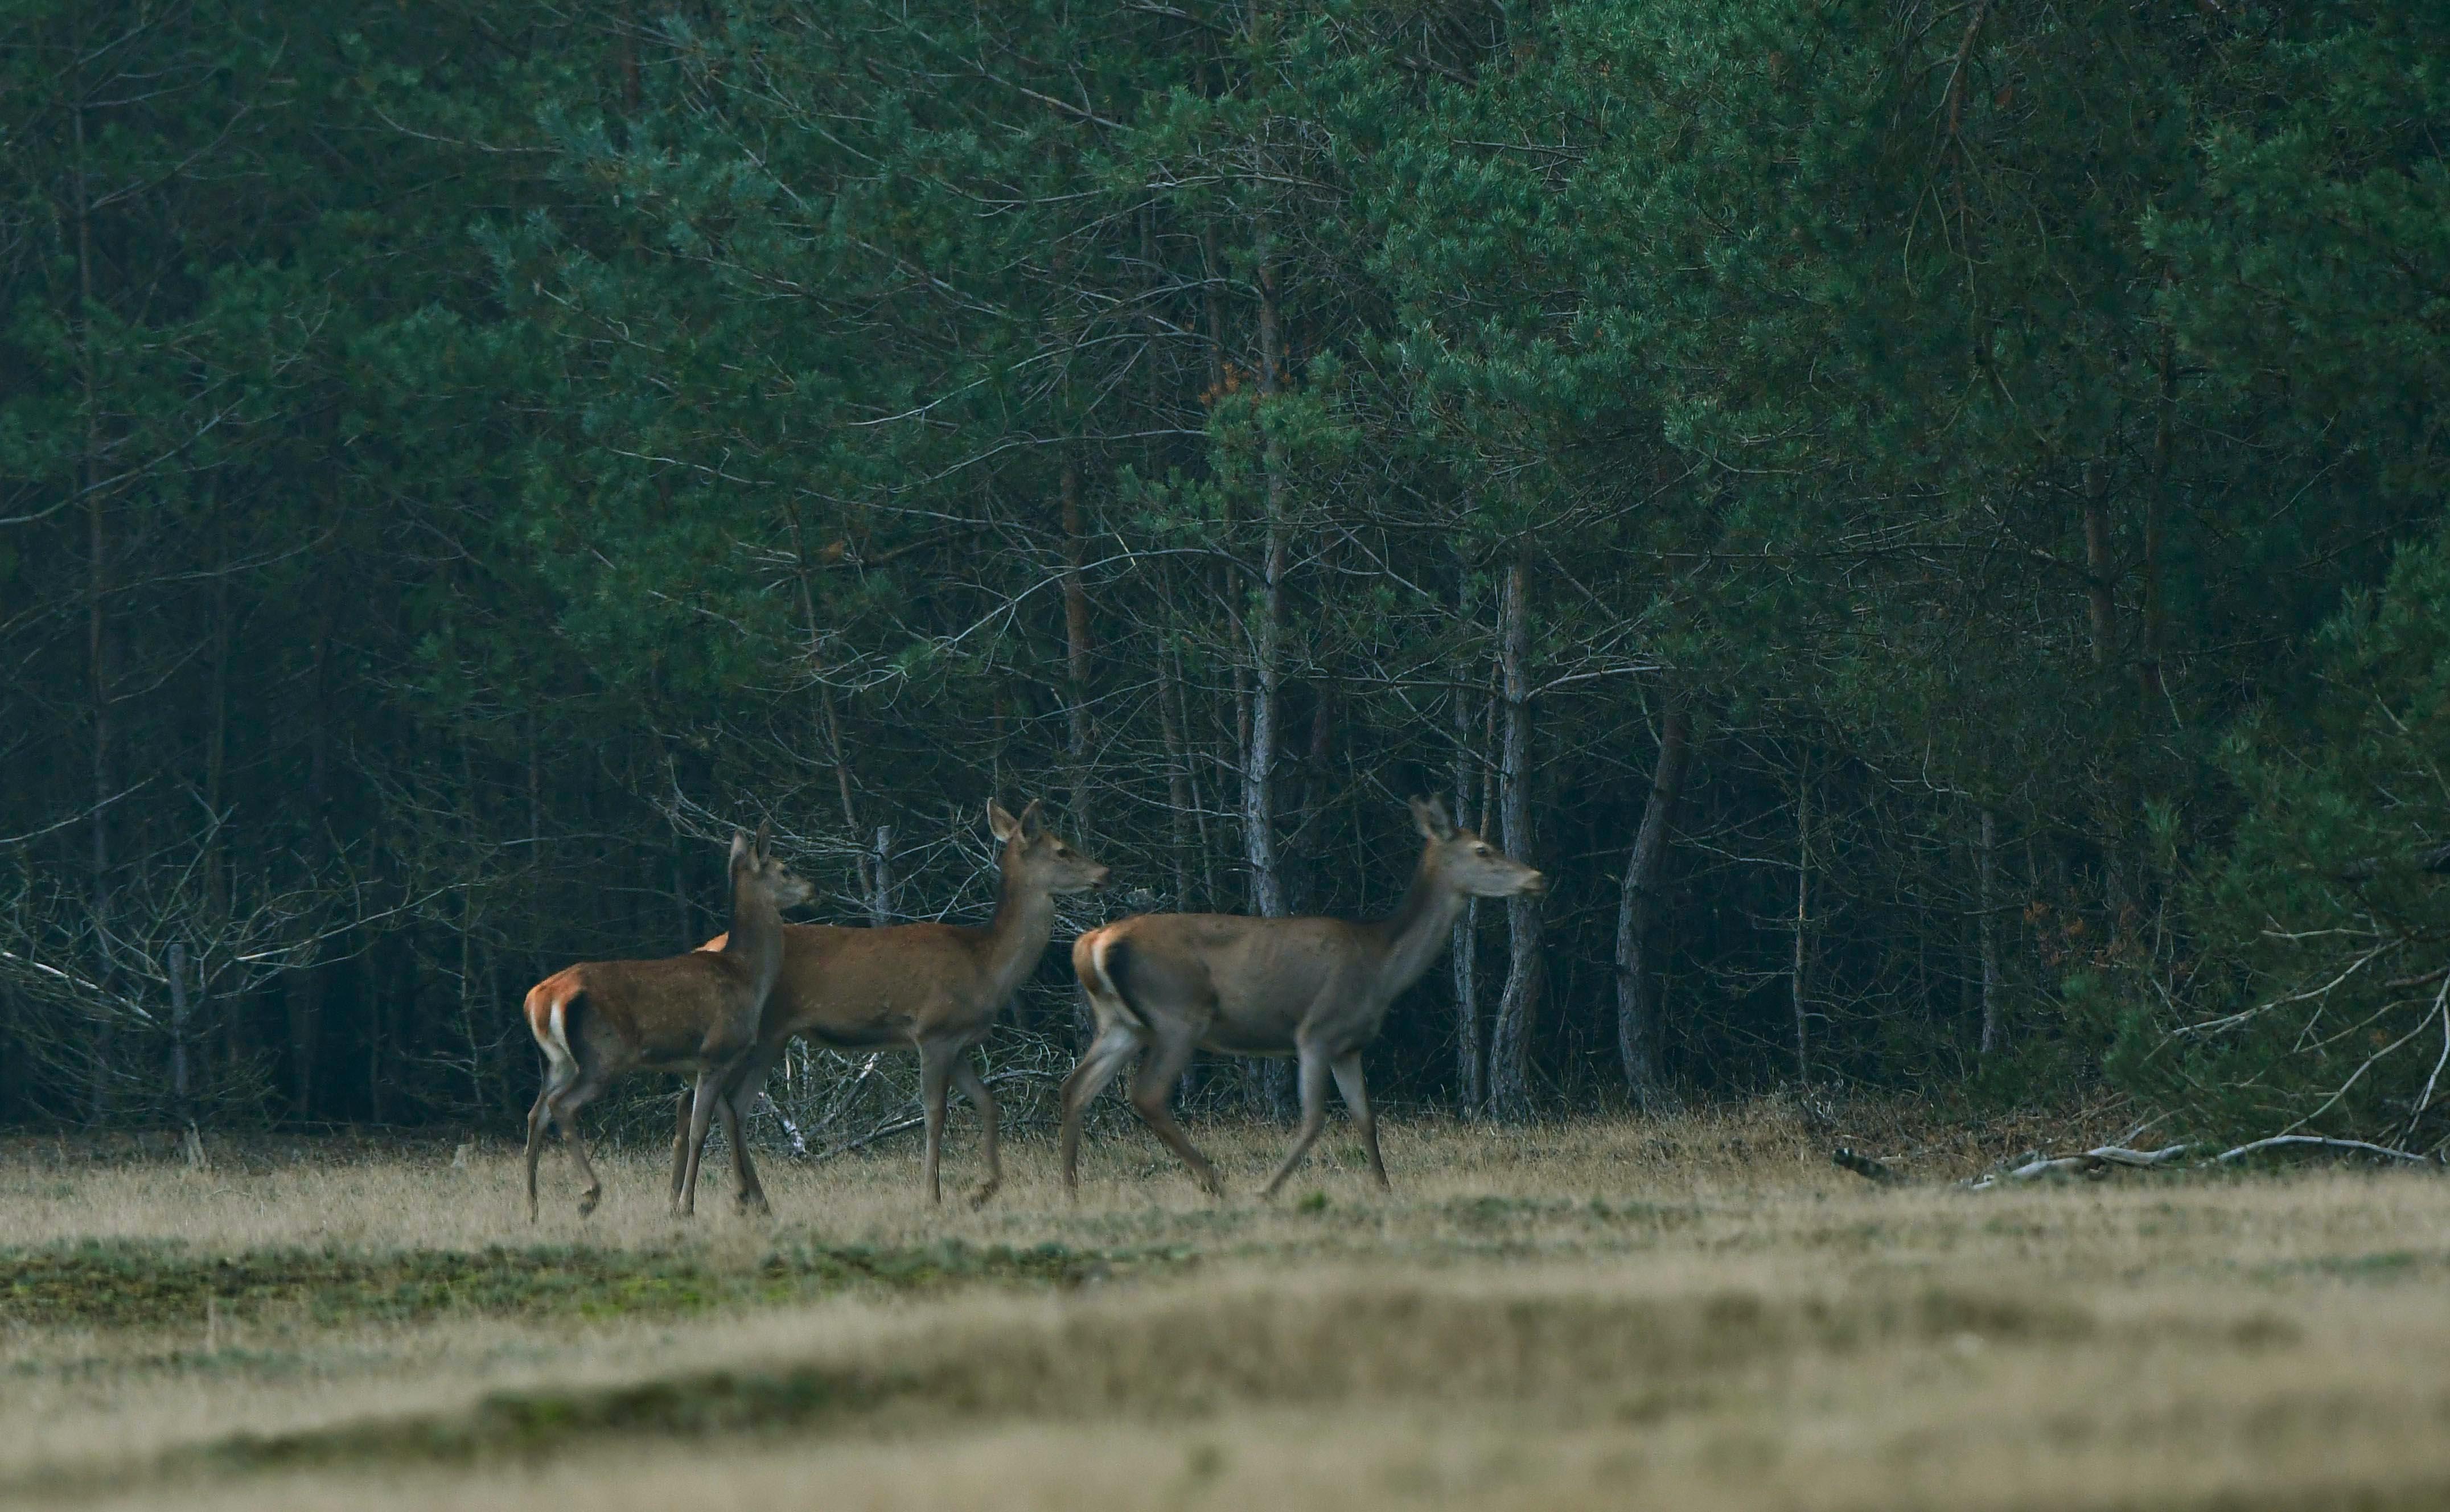 Het drietal verdwijnt even later in de dekking en Hubertus zal er ook achteraan gaan – Foto: ©Louis Fraanje